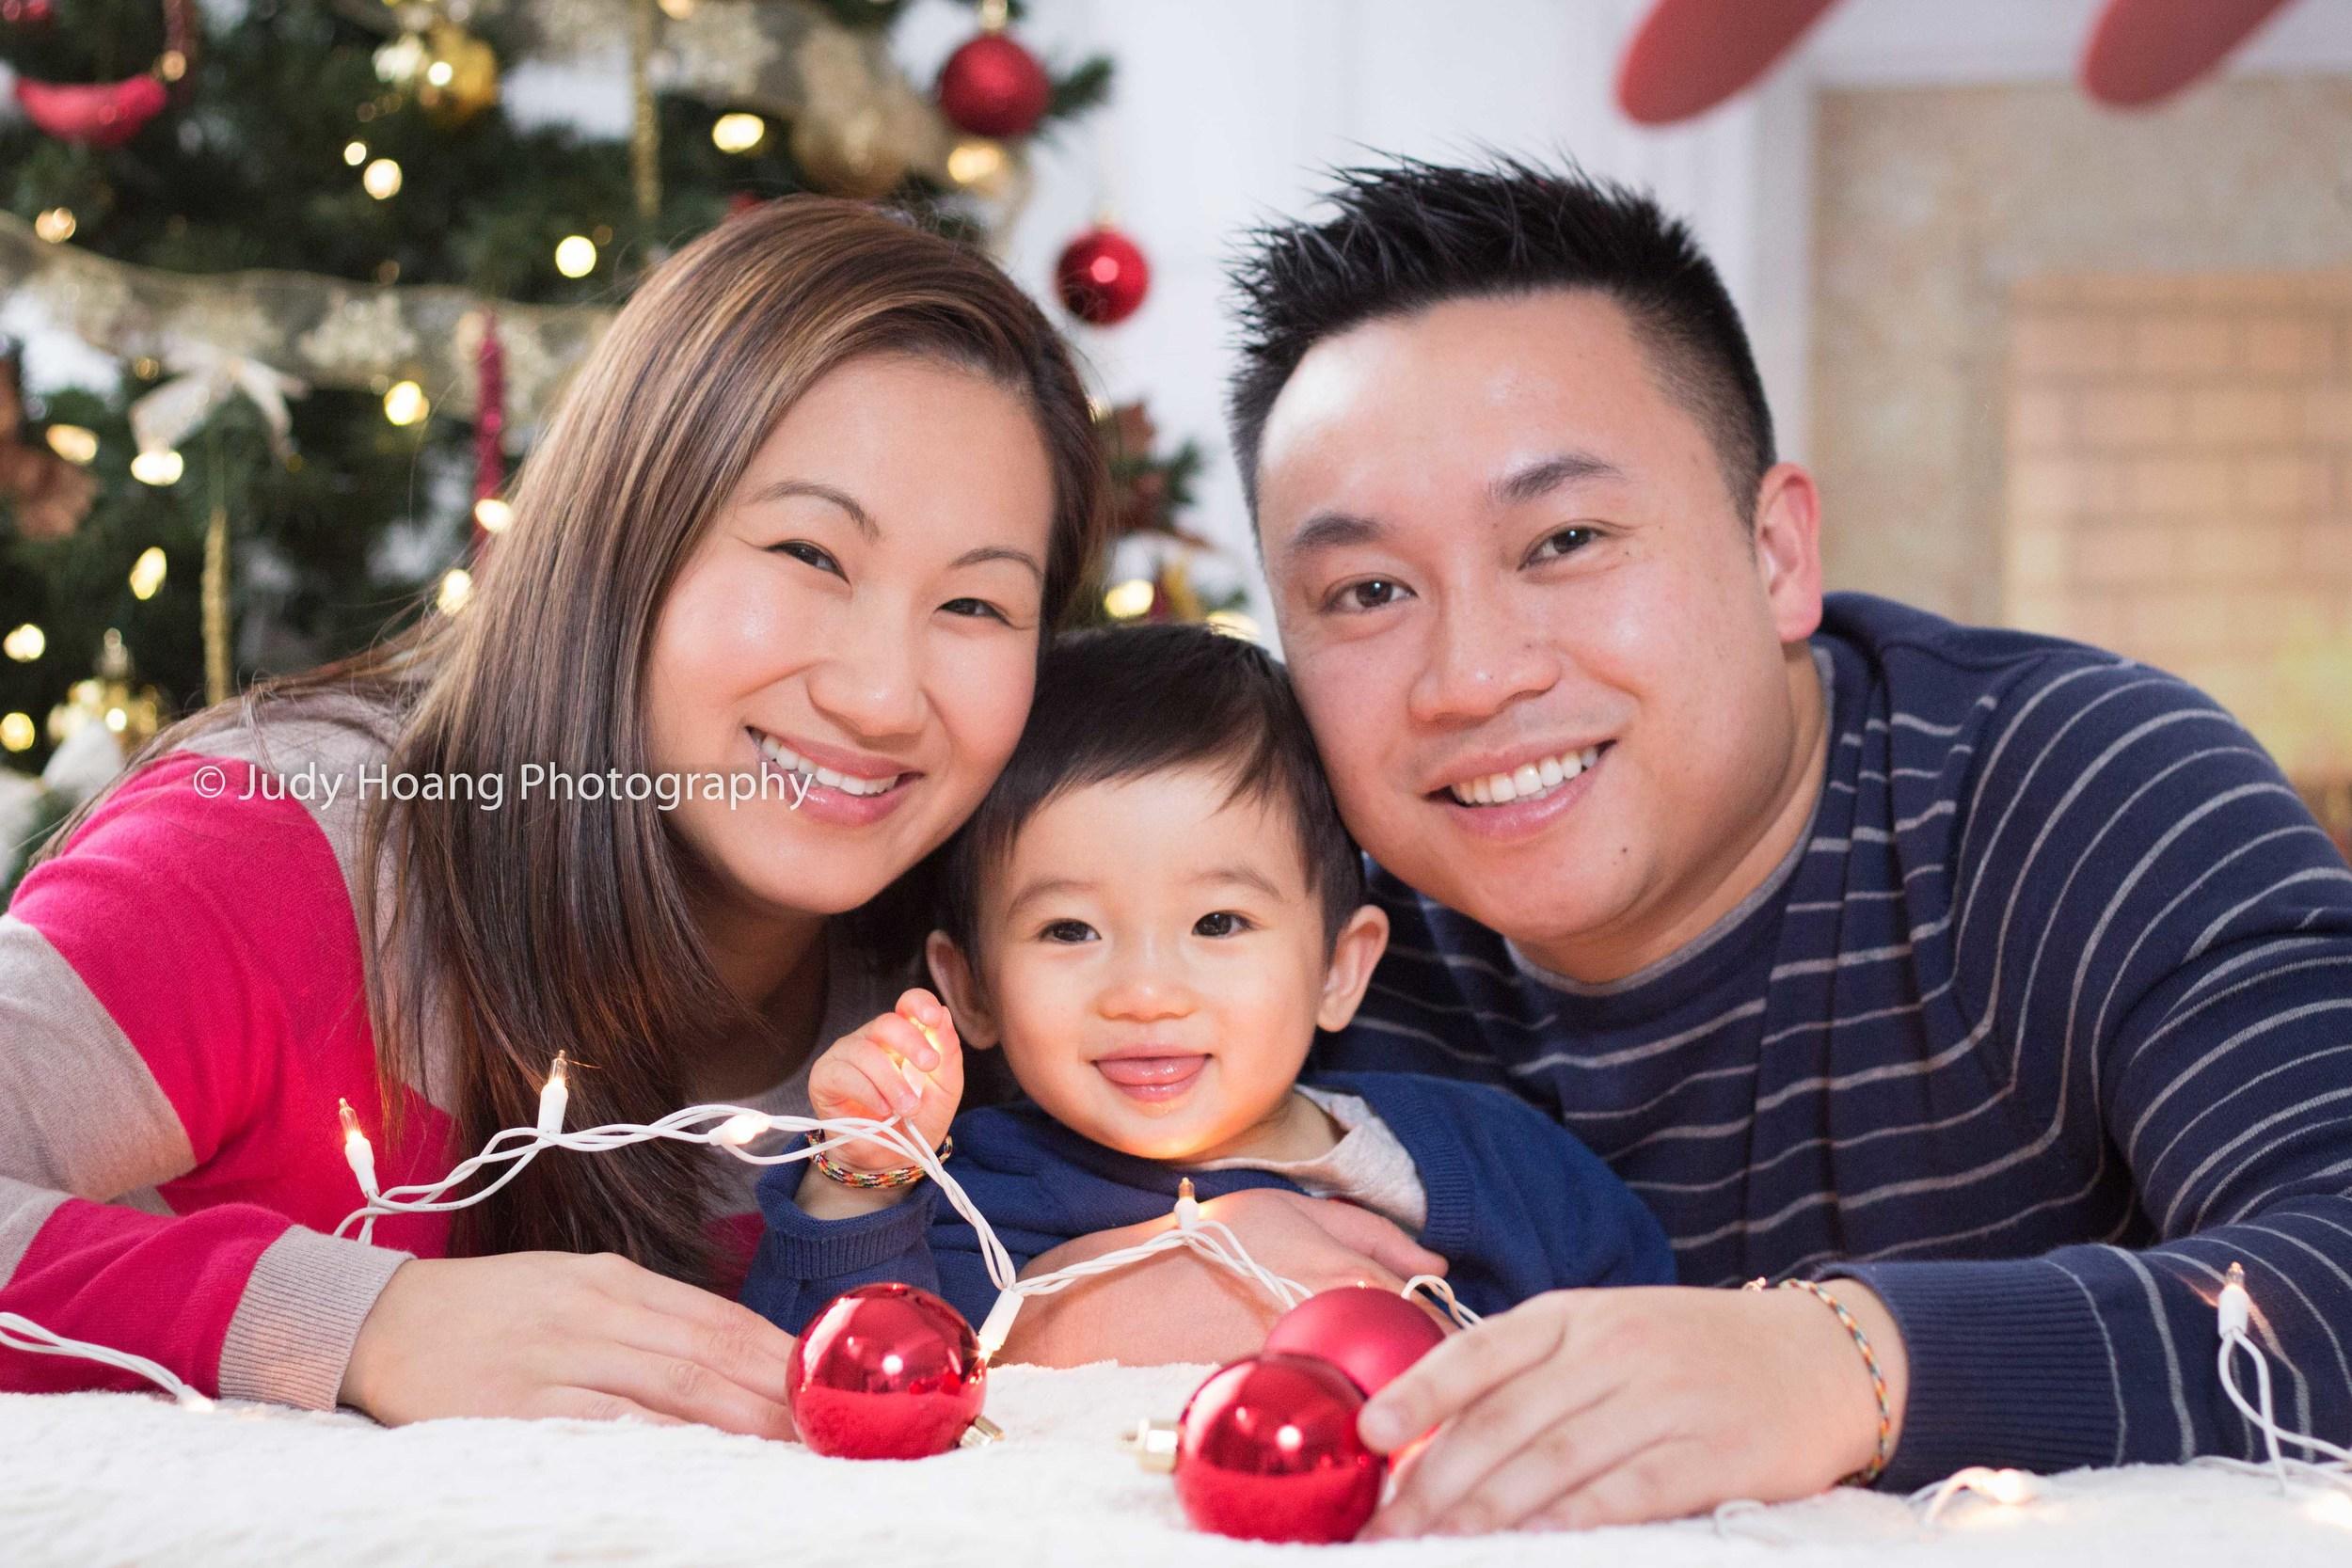 Judy Hoang Photography-8194.jpg